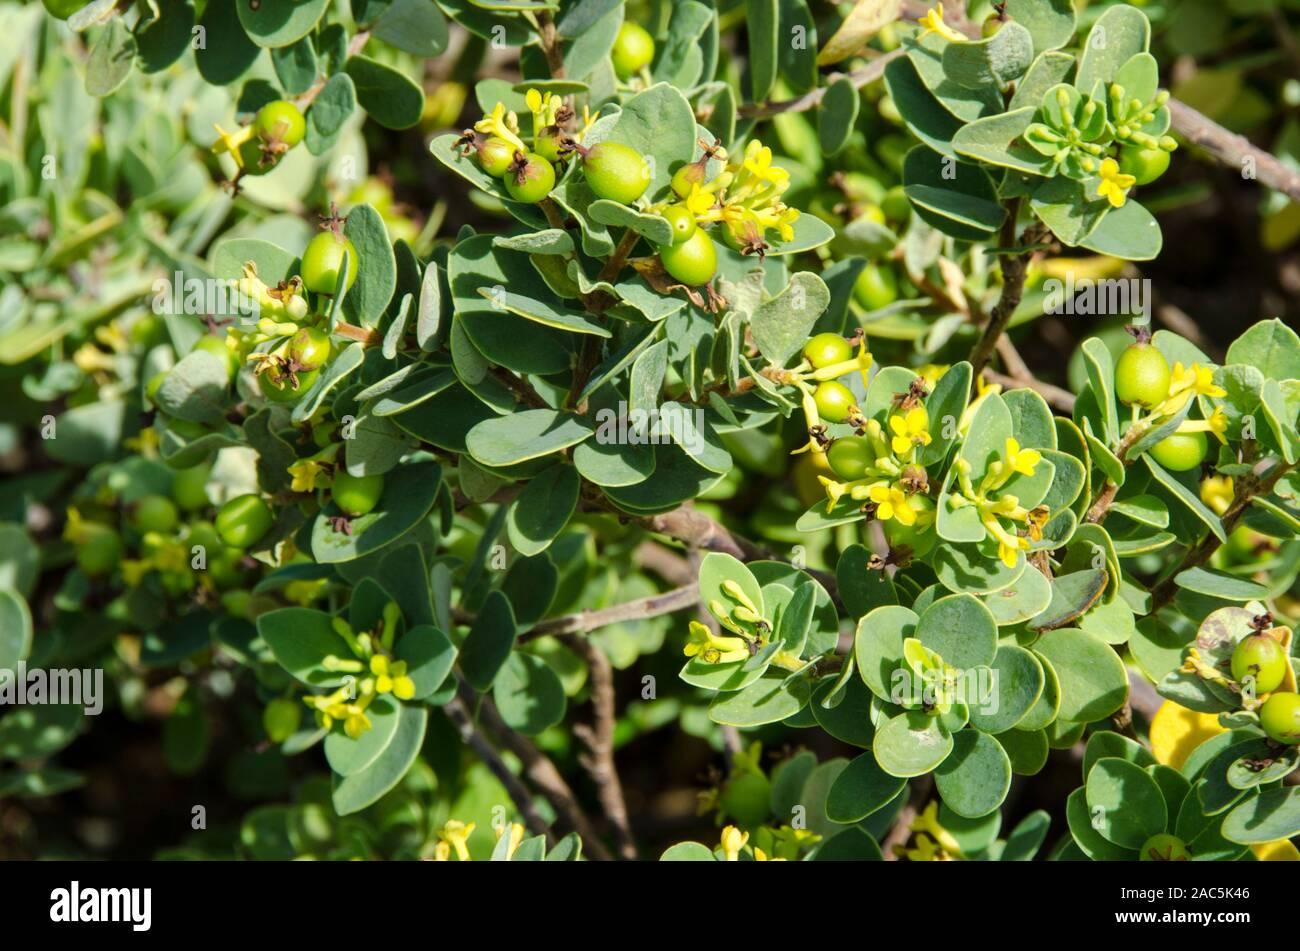 """Los nativos de Hawai """"akia planta es macho o hembra. Las plantas hembra, después de la floración, produce frutos redondos atractivos que son de color amarillo, naranja o Foto de stock"""